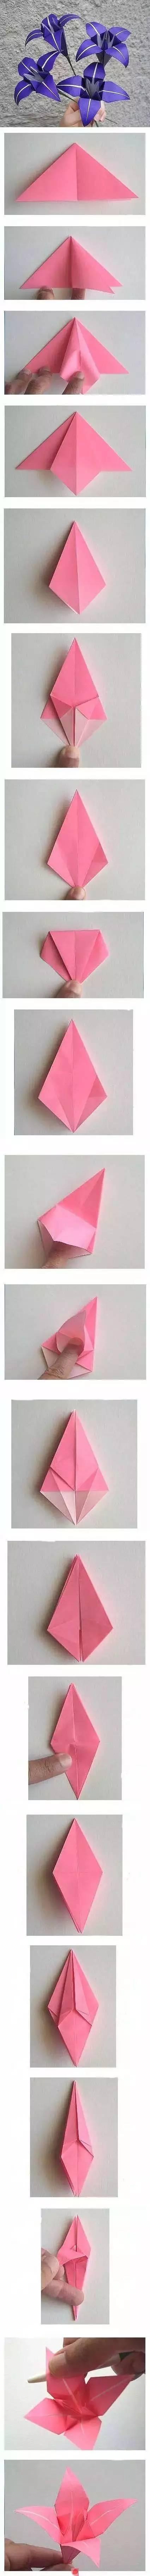 儿园母亲节手工折纸花教程图片